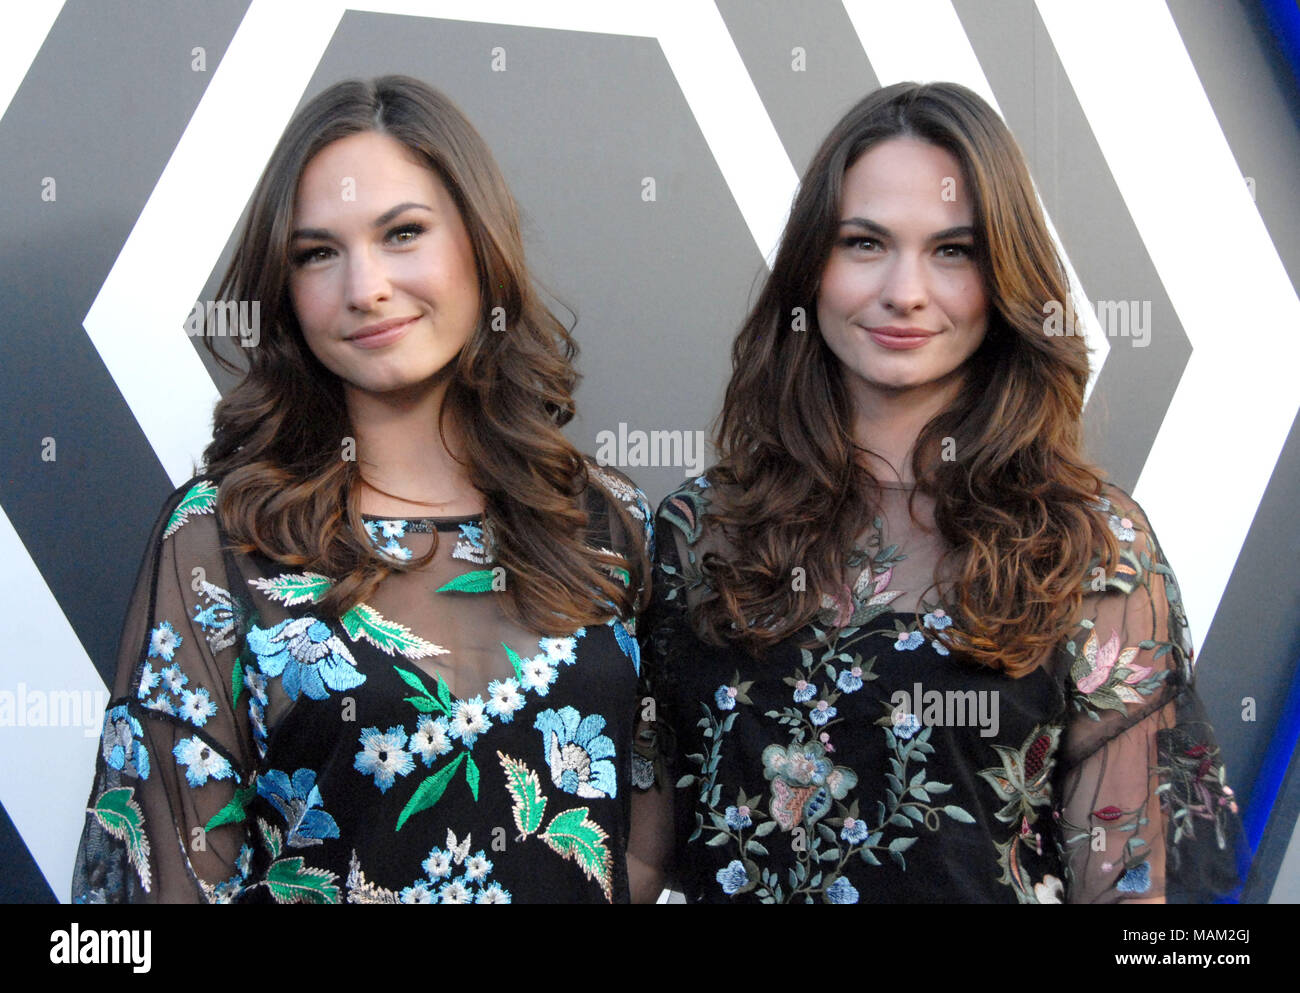 LOS ANGELES, CA - 02 avril   (L-R) actrices soeurs Sarah et Laura Bellini  Bellini assister à la première de la Légion  FX  Saison 2 à la DGA Theatre  Le 2 ... 6f87facaf67